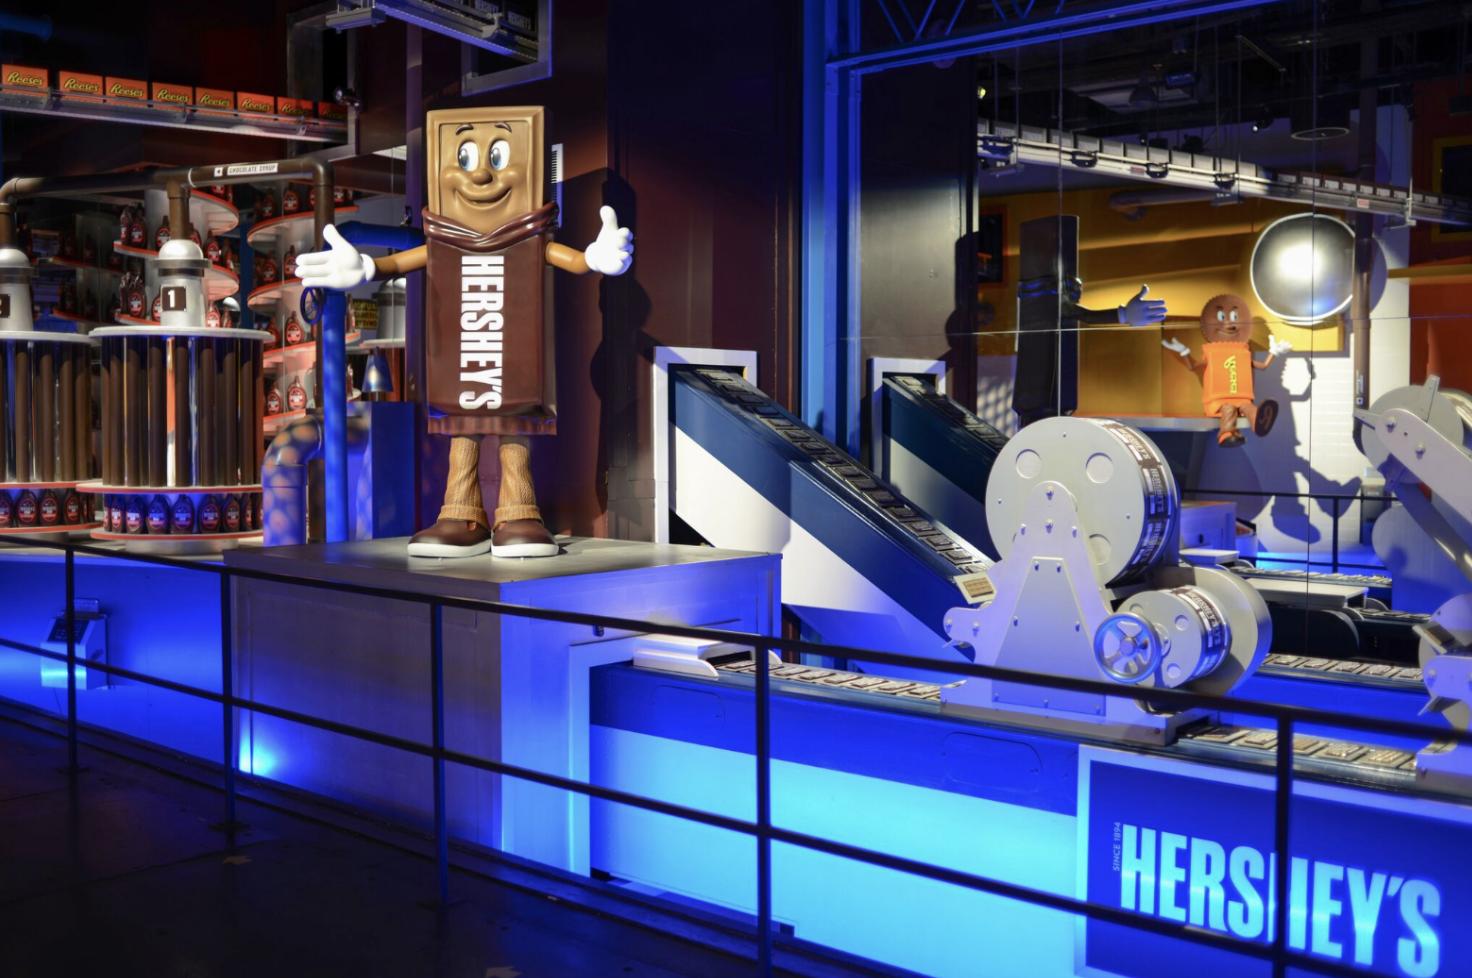 Hershey's Chocolate World Tour in Hershey, PA